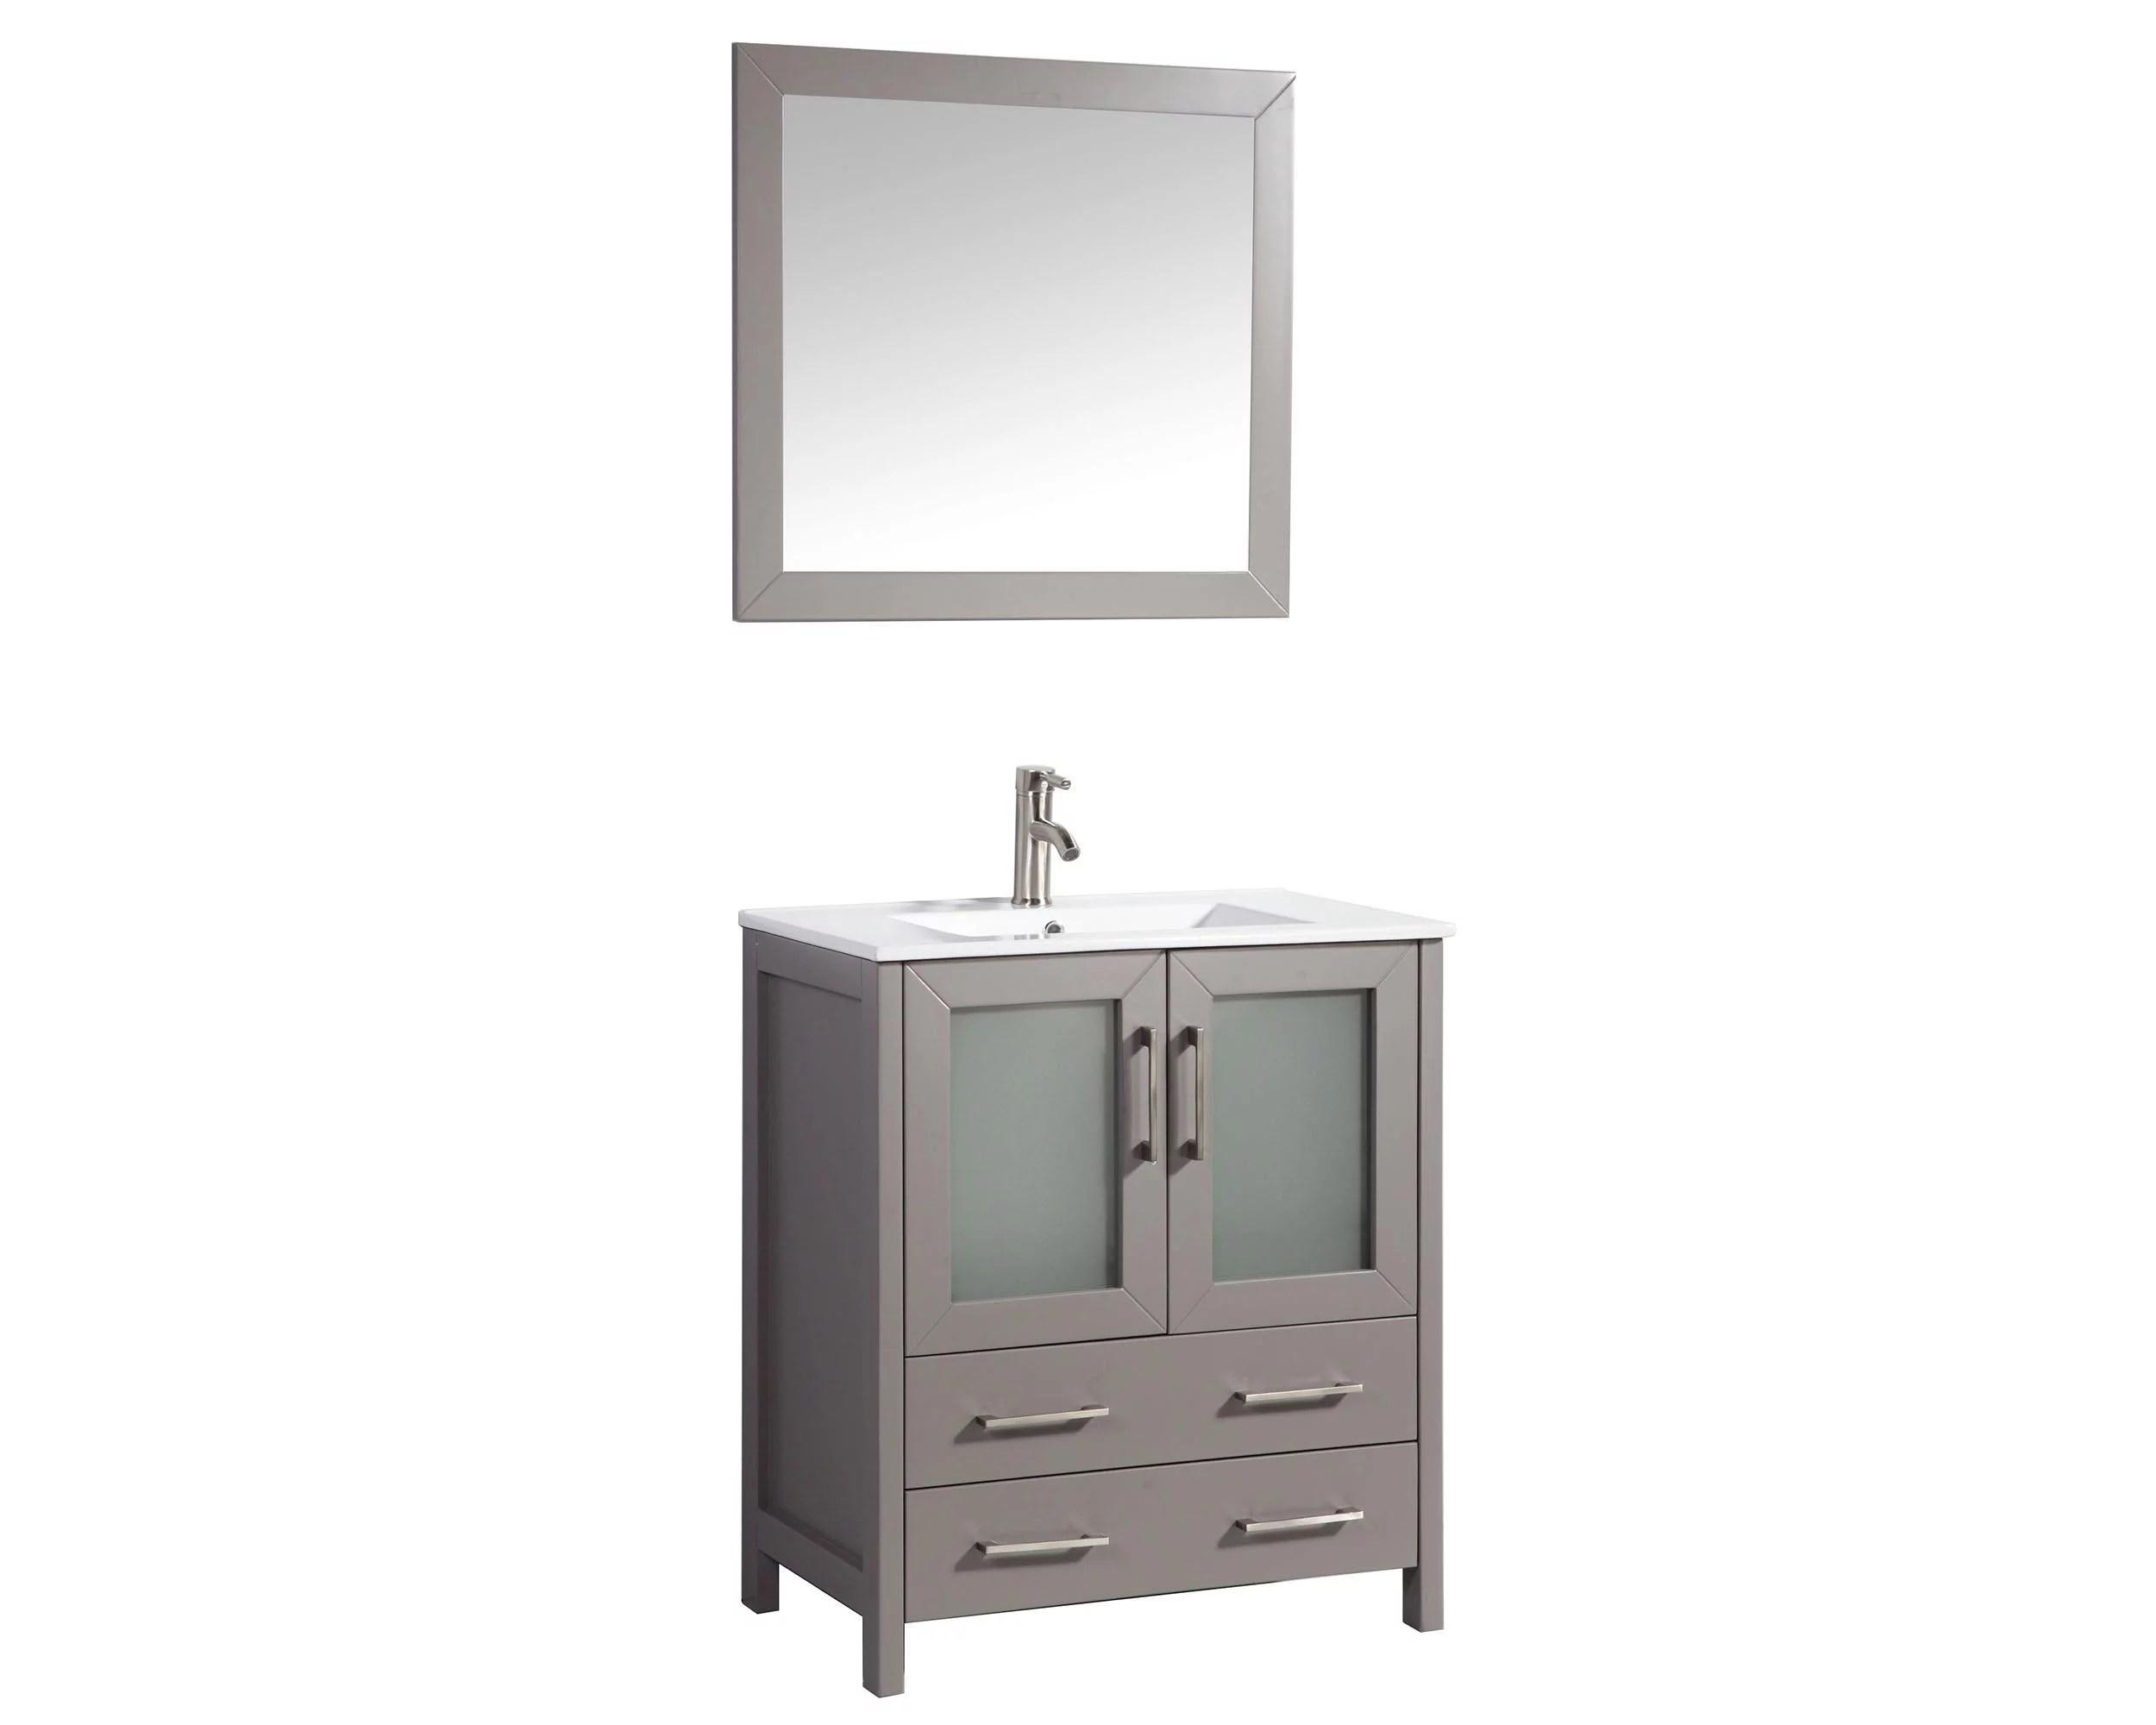 vanity art 30 inch single sink bathroom vanity set with ceramic vanity top